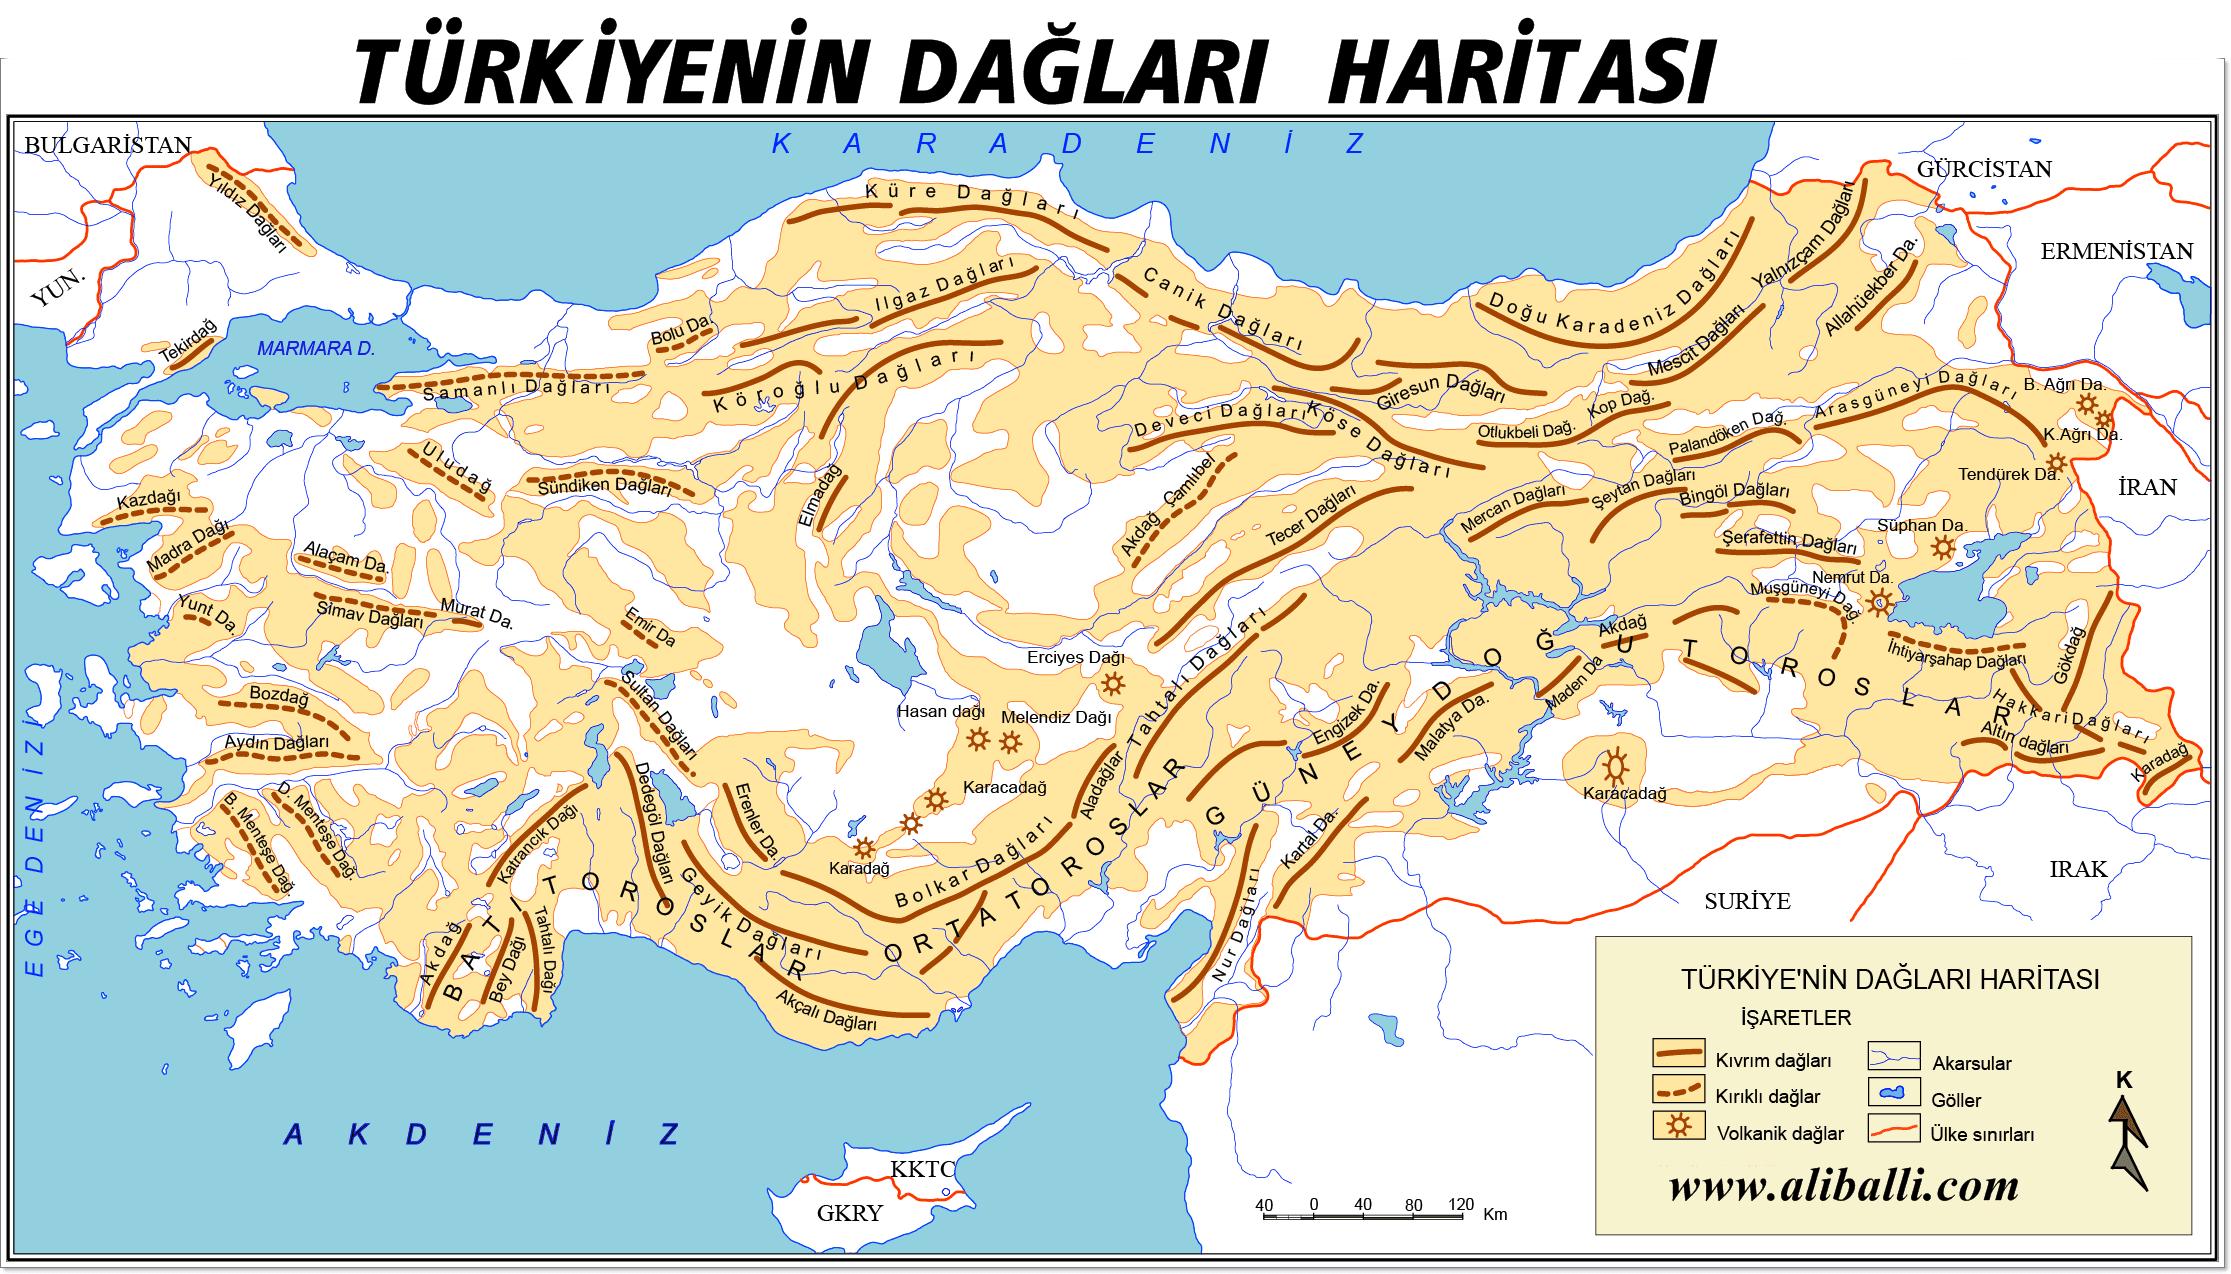 Türkiyenin Dağları Haritası Ali Balli